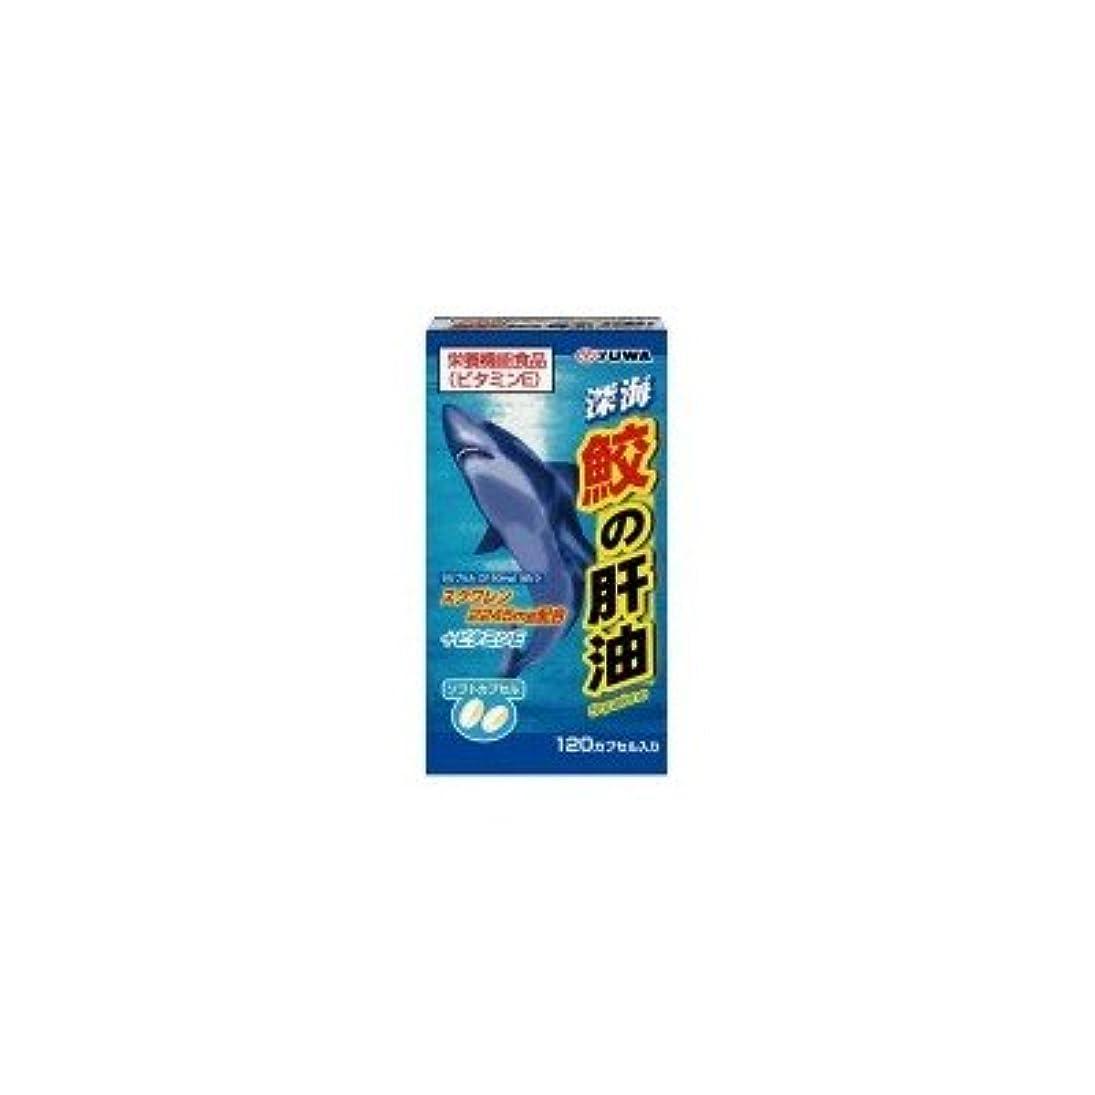 抜本的な検索エンジン最適化強打ユーワ 深海鮫の肝油 栄養機能食品(ビタミンE) 120カプセル (品番:1869)